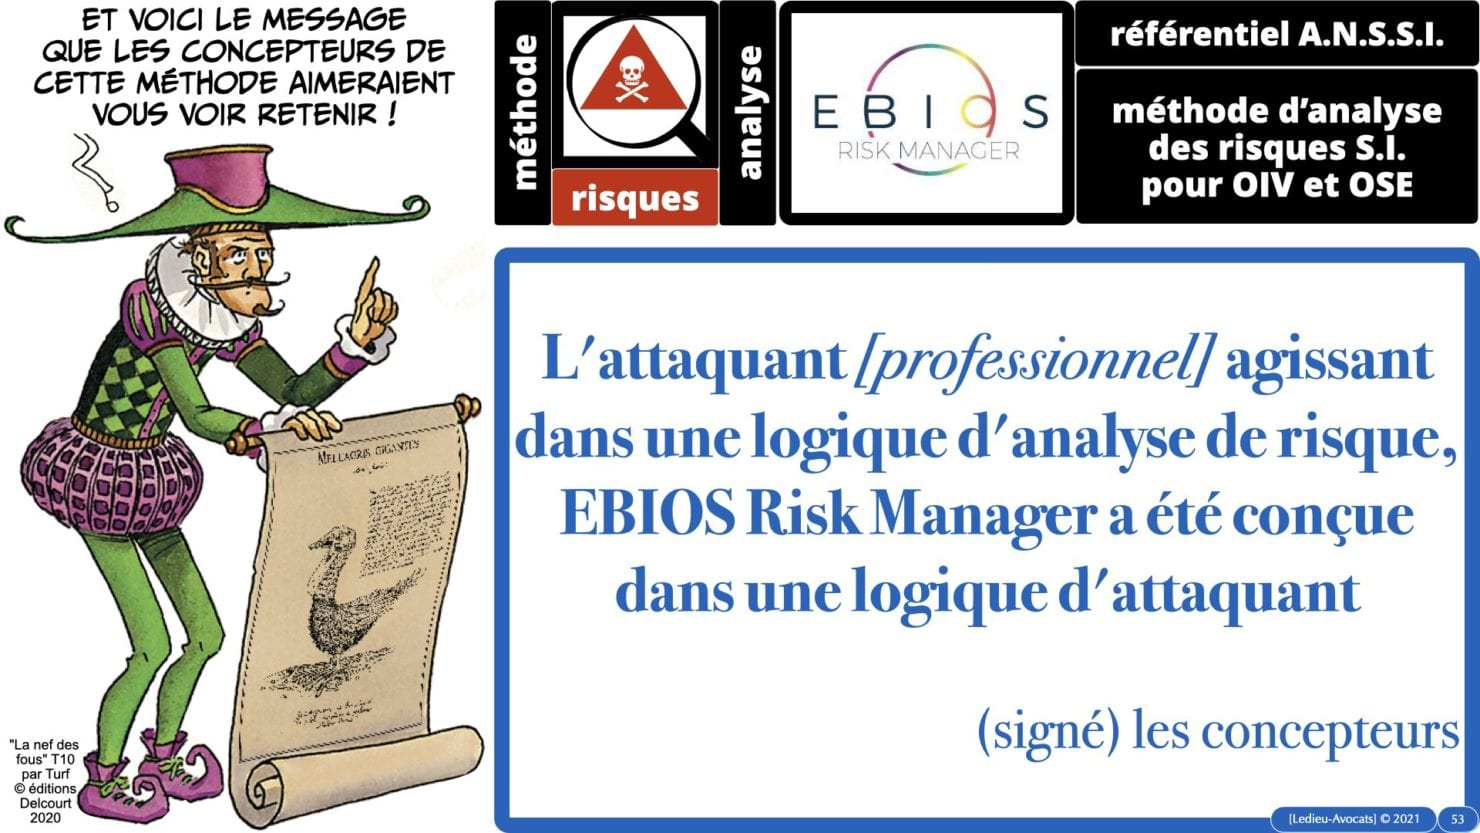 342 cyber sécurité #2 OIV OSE analyse risque EBIOS RM © Ledieu-avocat 15-07-2021.053